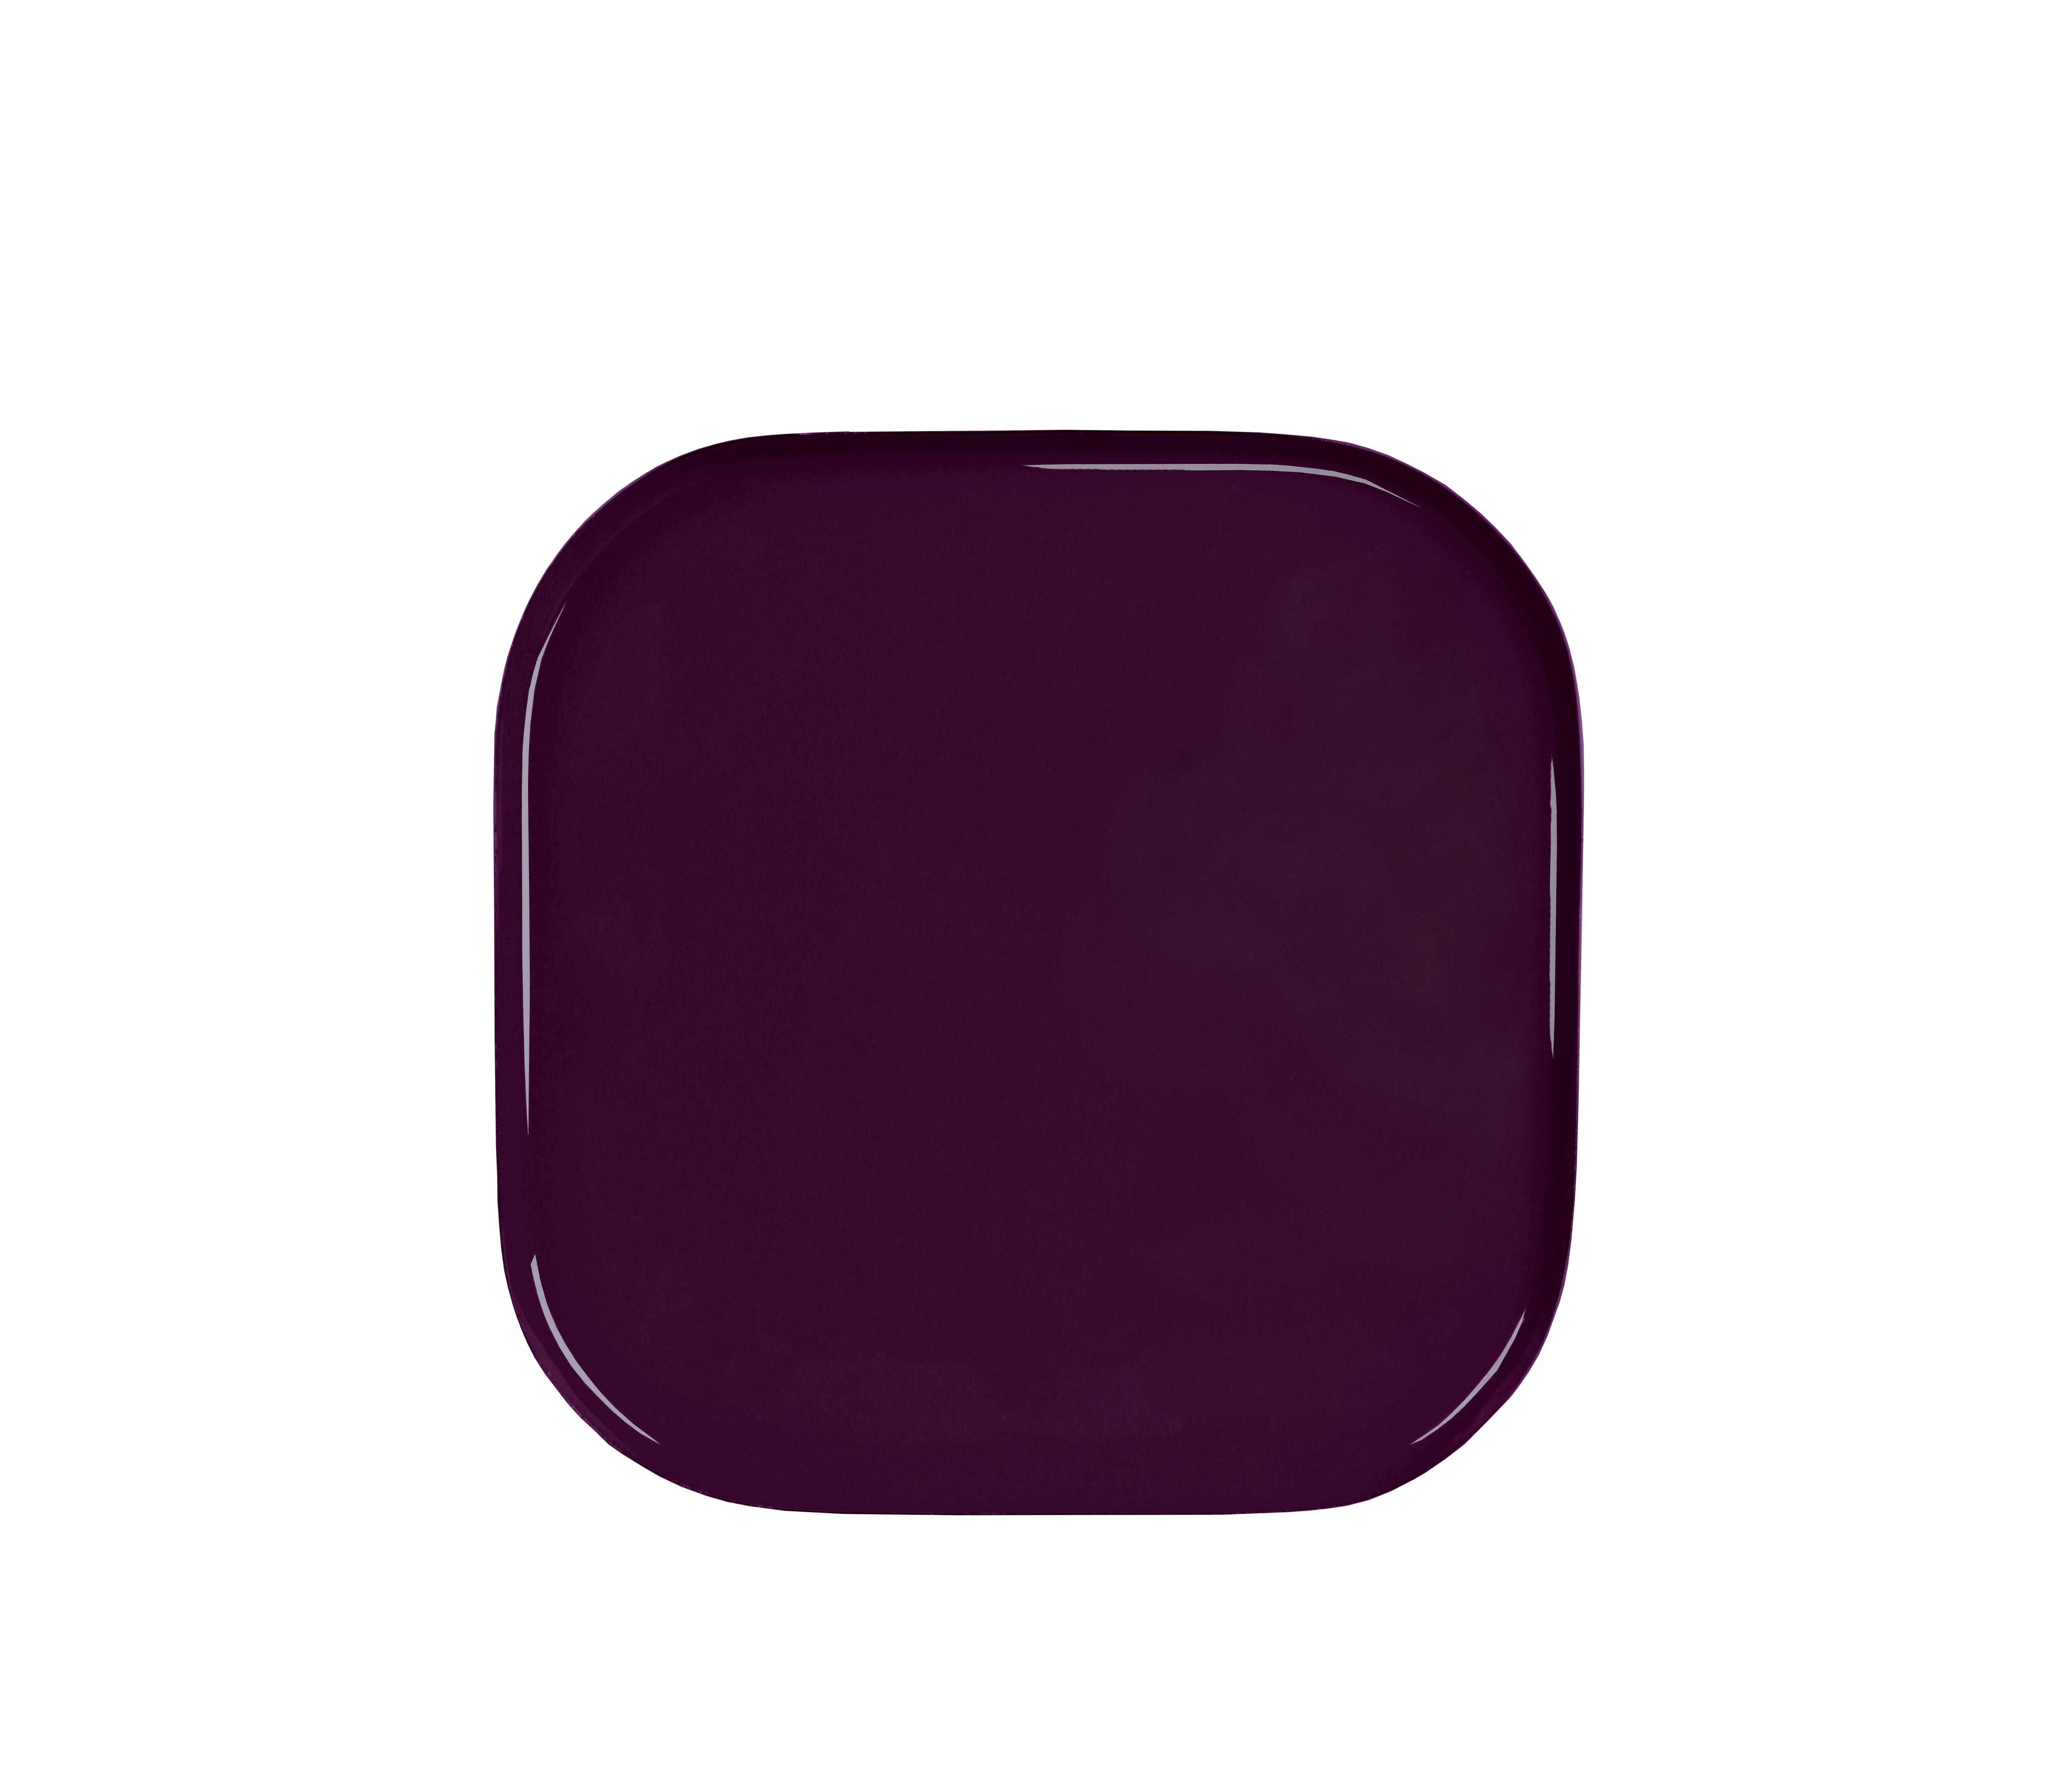 Arts de la table - Plateaux - Plateau Metal Square / 21 x 21 cm - & klevering - Carré / Violet - Métal